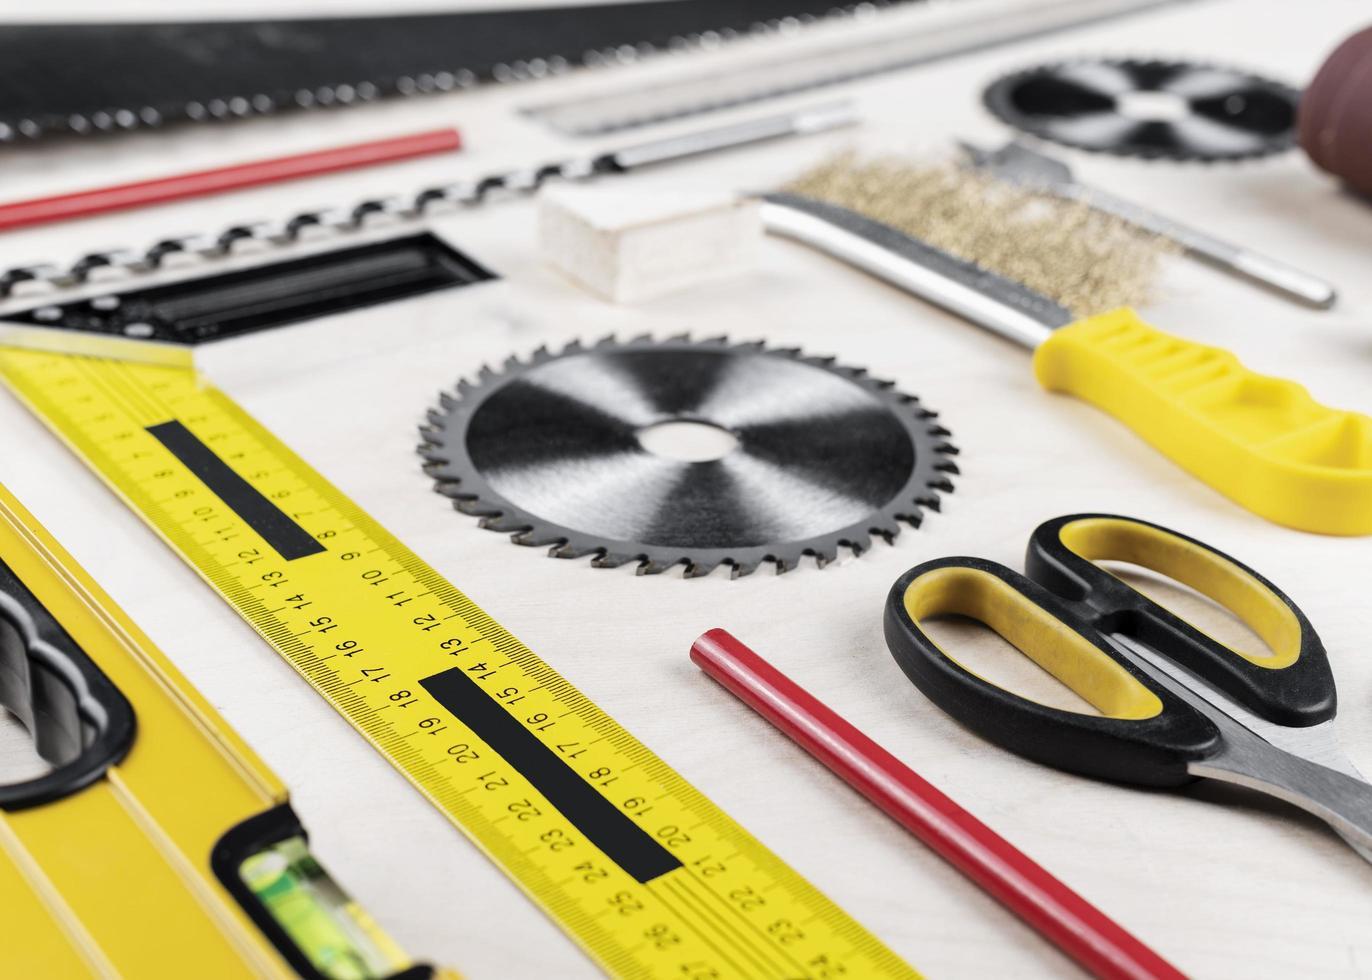 herramientas en el escritorio foto